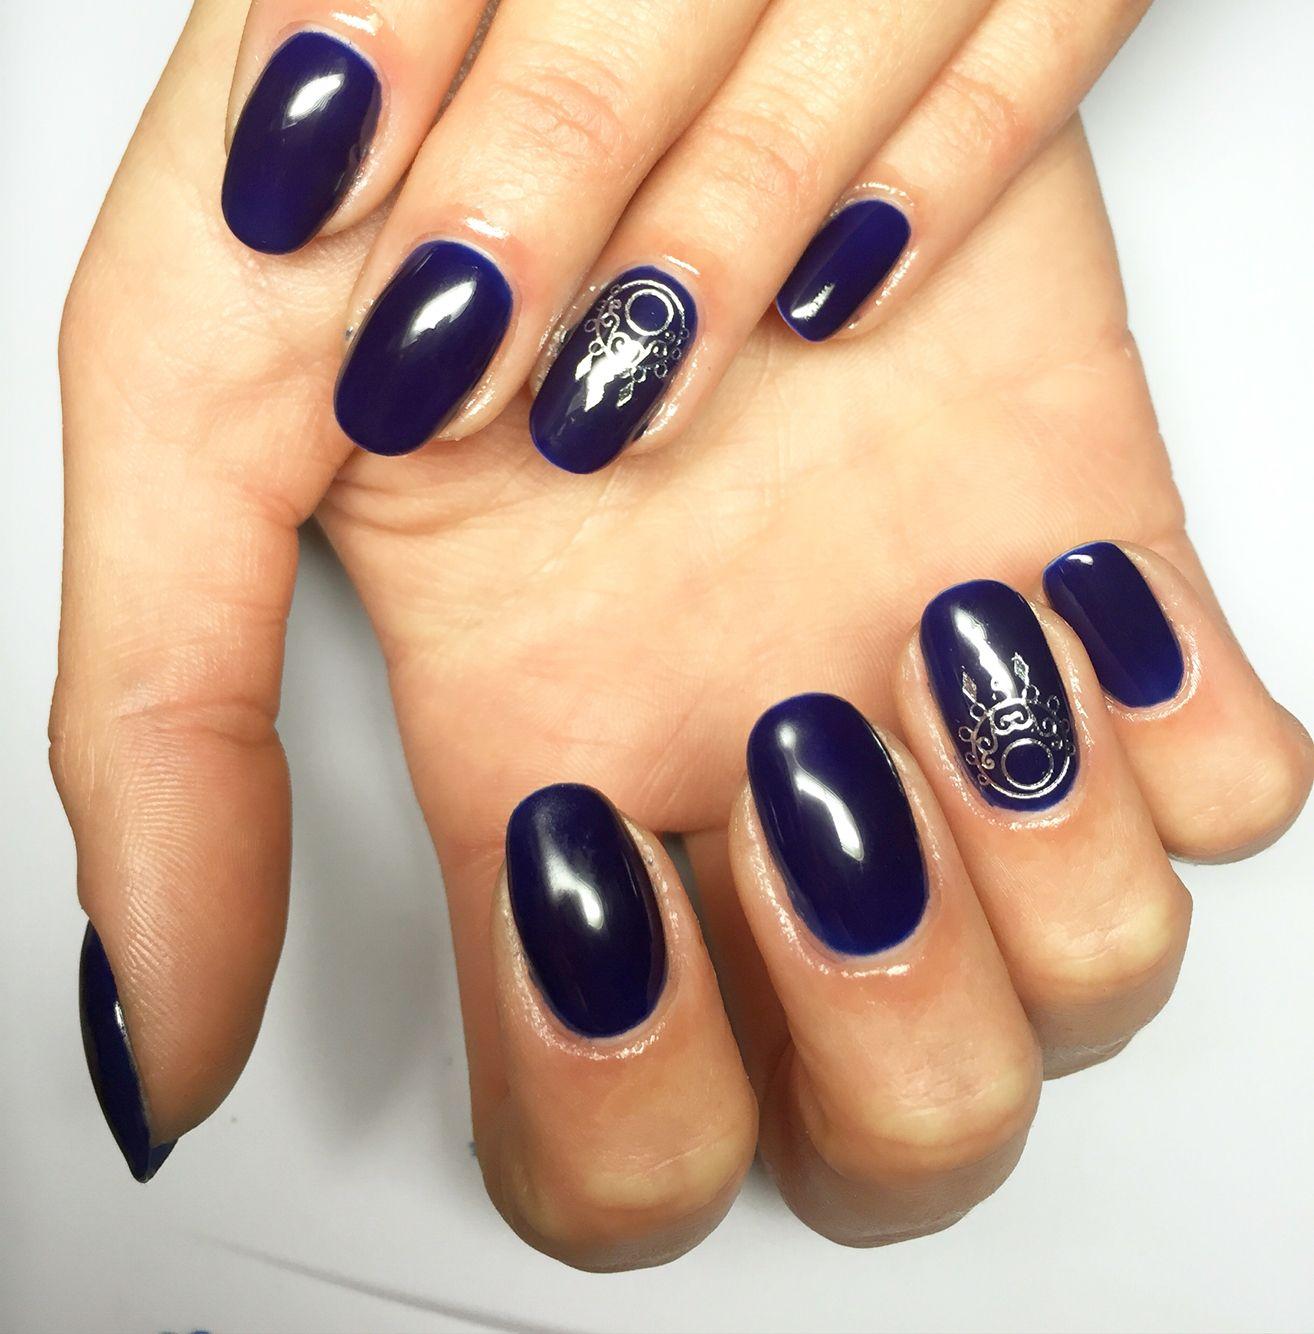 dark #blue #gel #nails | Gel Nails | Pinterest | Blue gel nails and ...